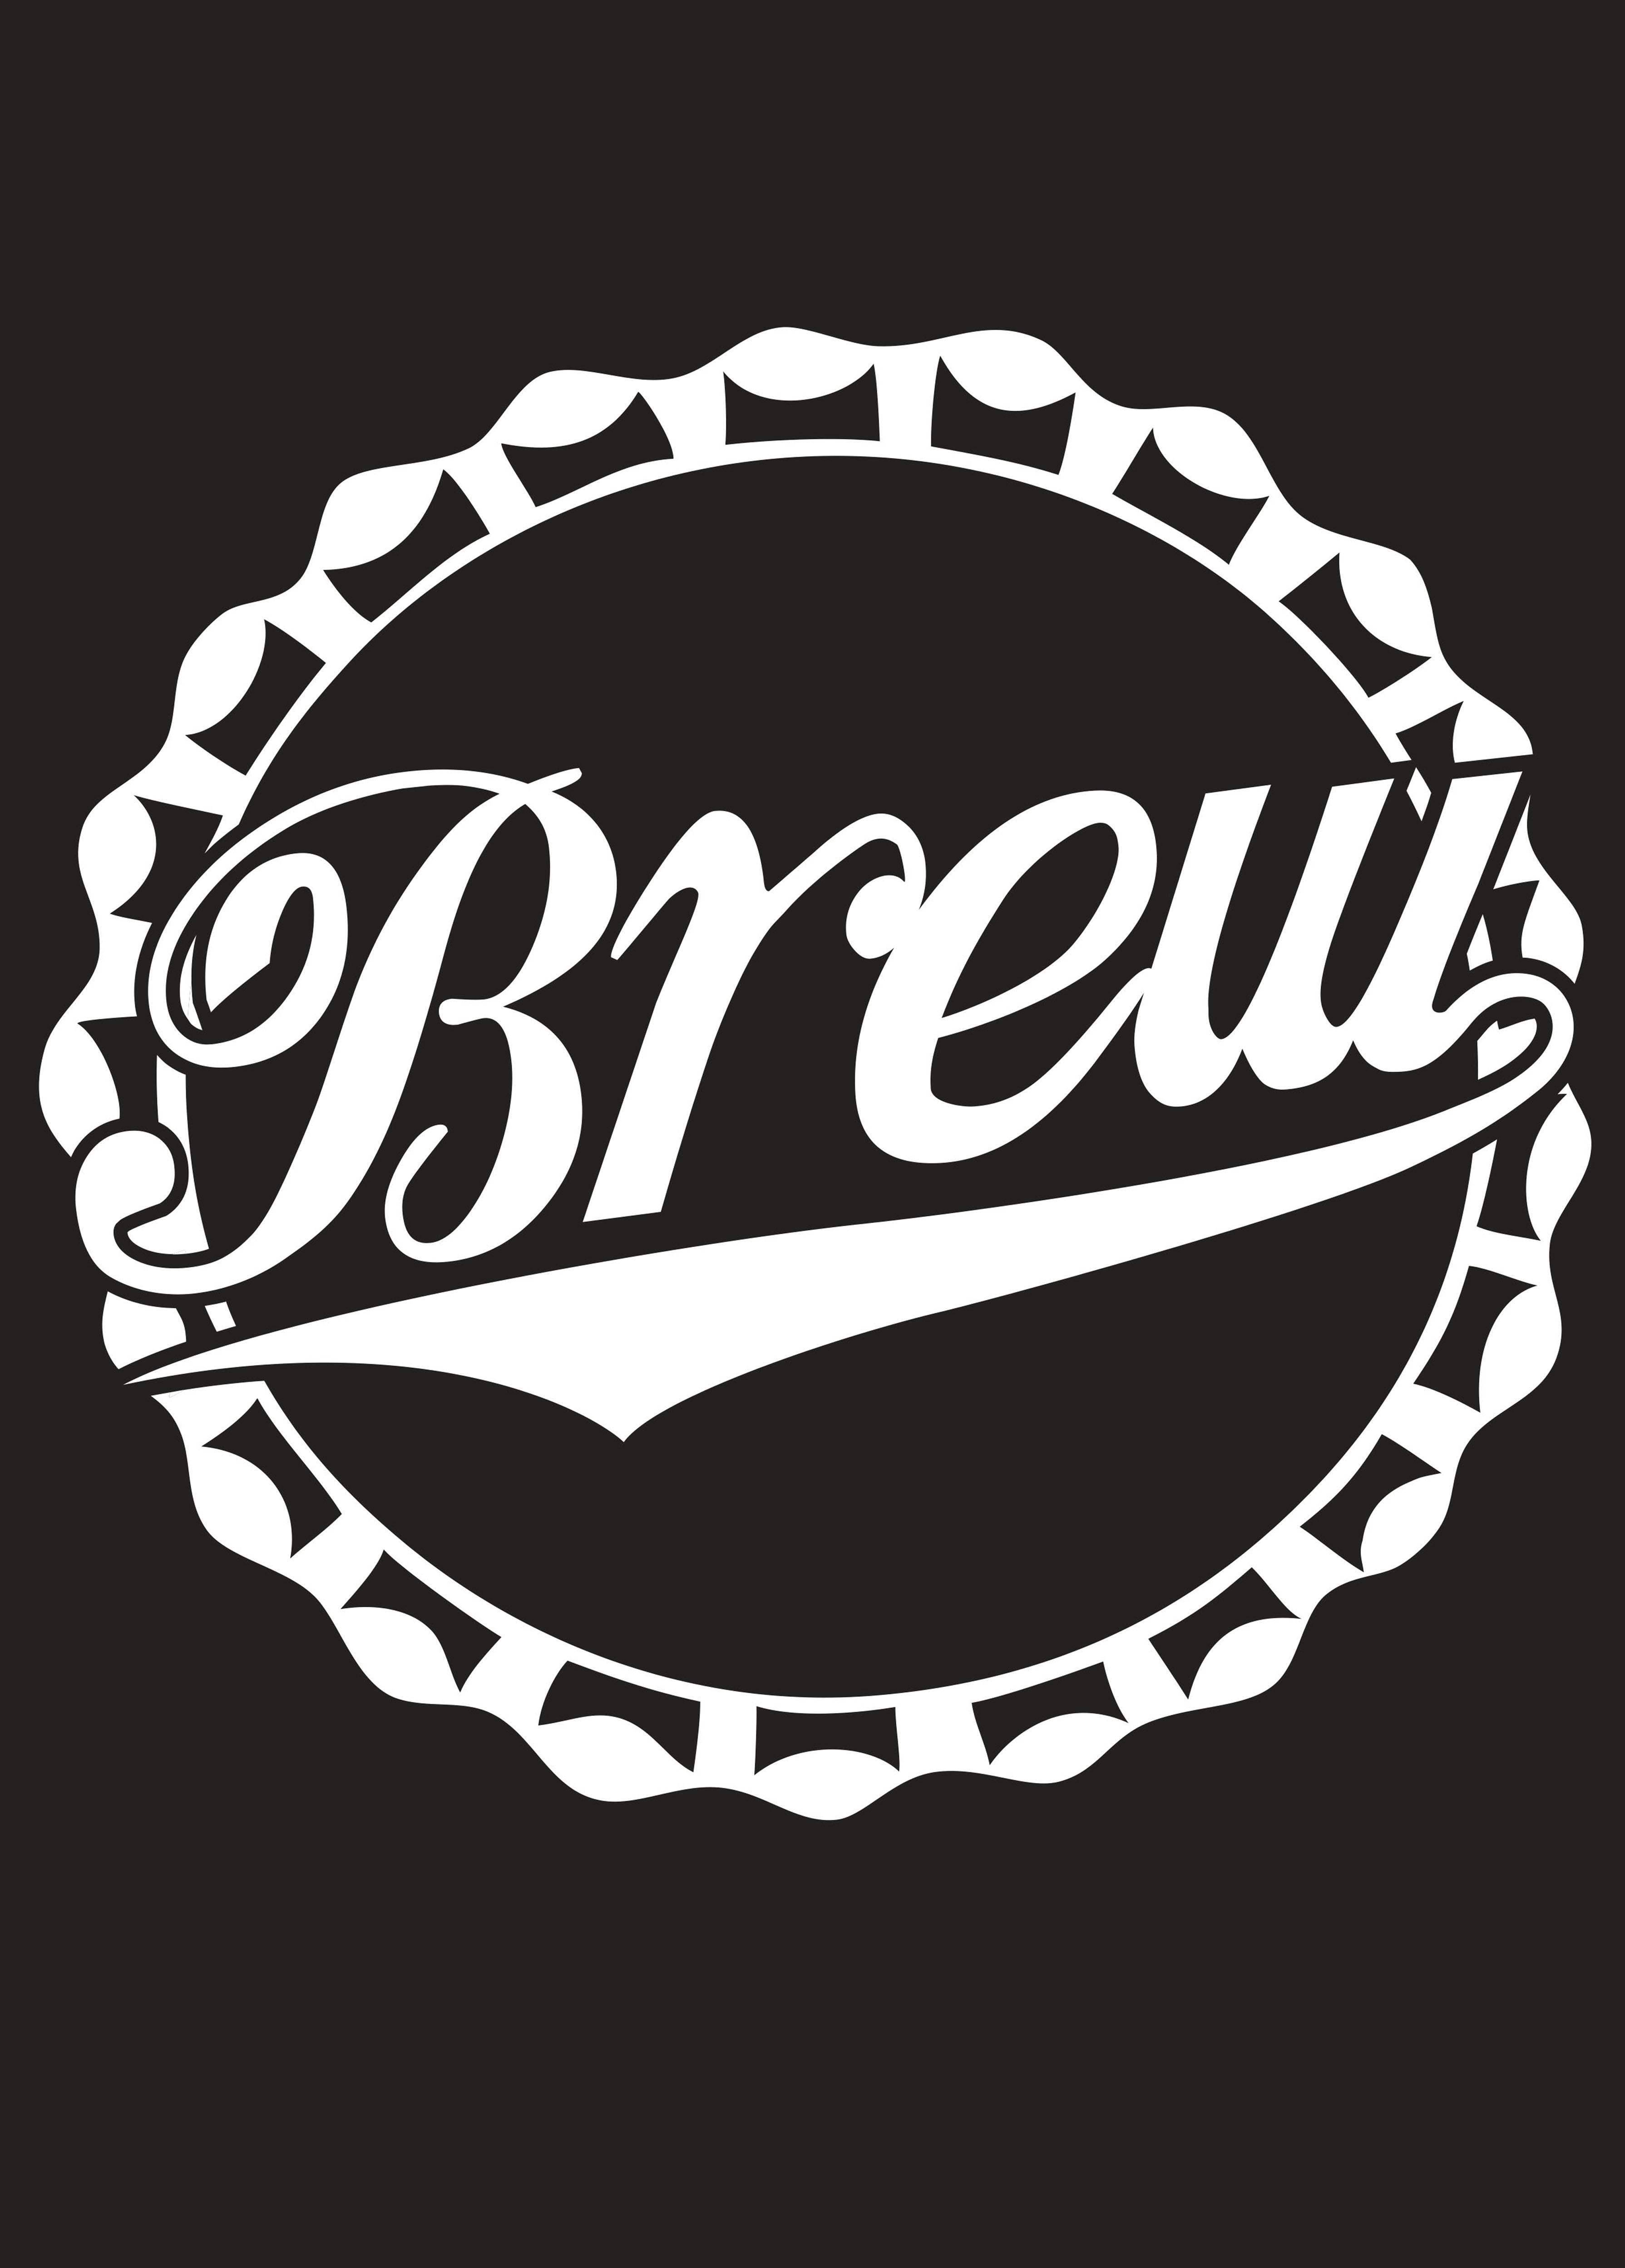 brewclothes|ビールを愛する者のためのアパレルブランド ビール好きの酒好きのアパレルブランドとしてスノーボードやストリートで使えるアイテムを展開。乾杯する事で仲間を増やしPEACEになろう。人生を楽しむための一つのアイテム。BREW CLOTHES. produced by Nakamura Takayuki (pro snowboarder)